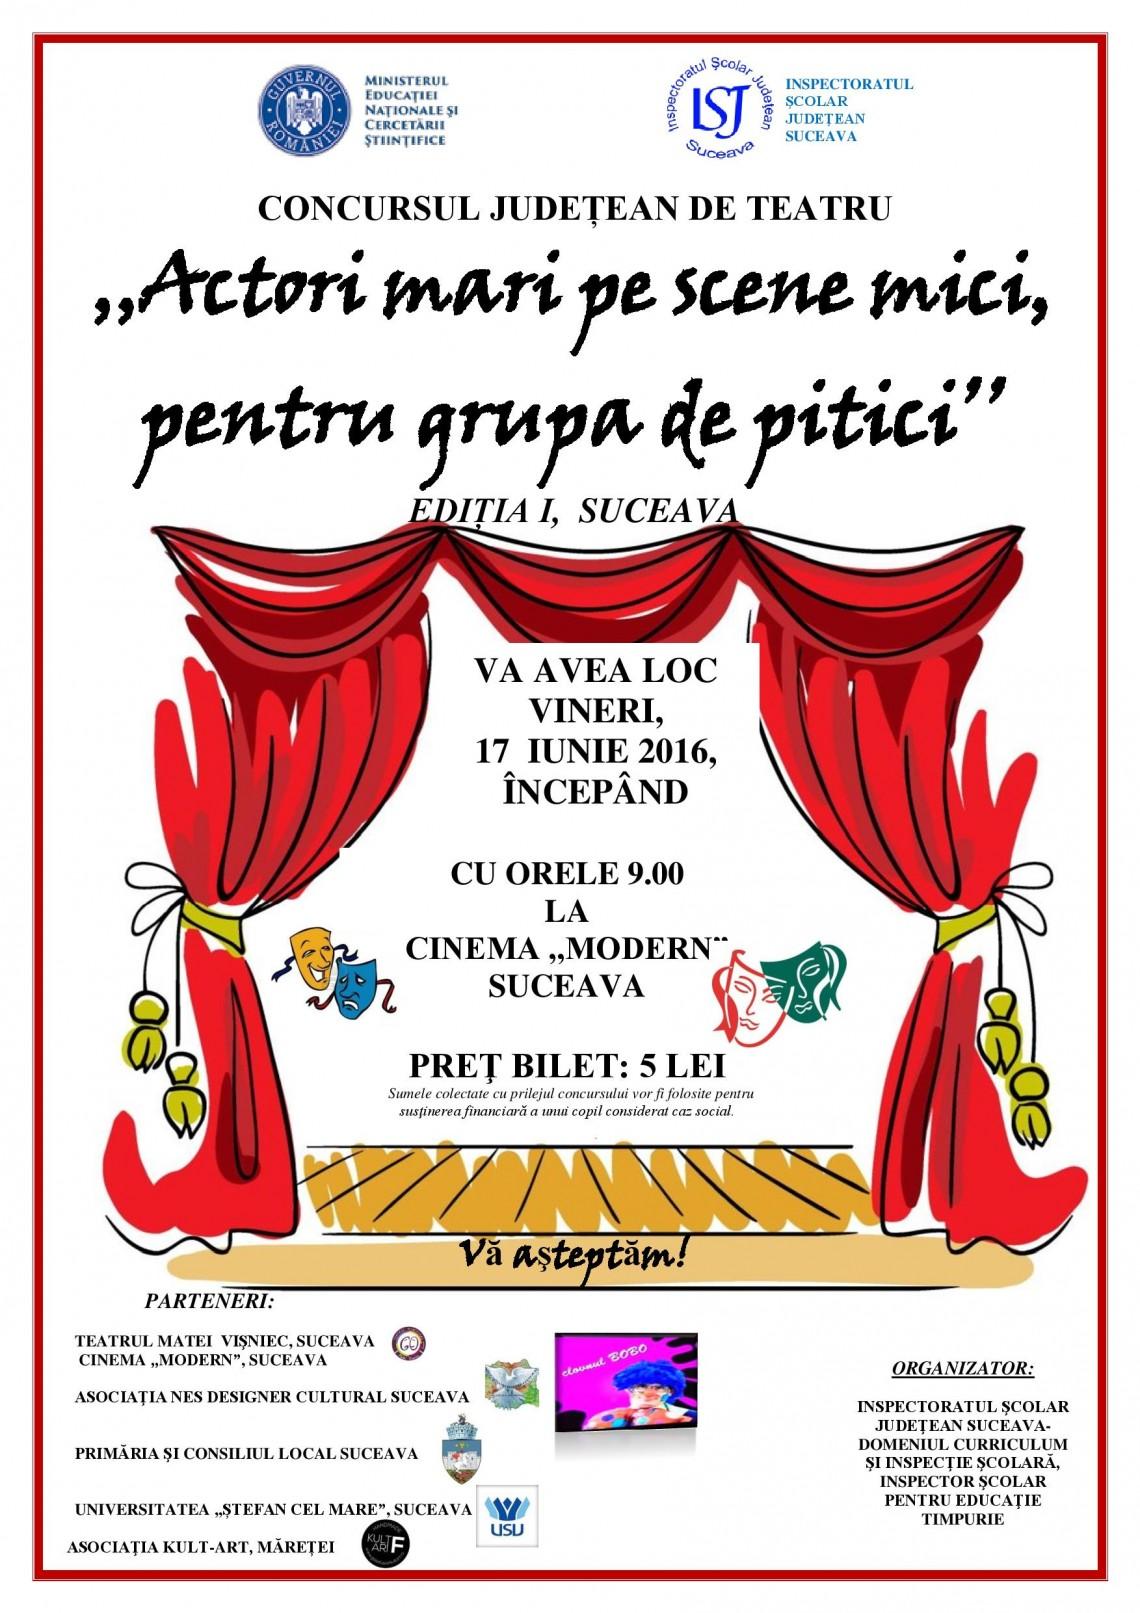 pdf-afisul-listare-cinema-actori-mari-pe-scene-mici-pentru-grupa-de-pitici-bun-page-001